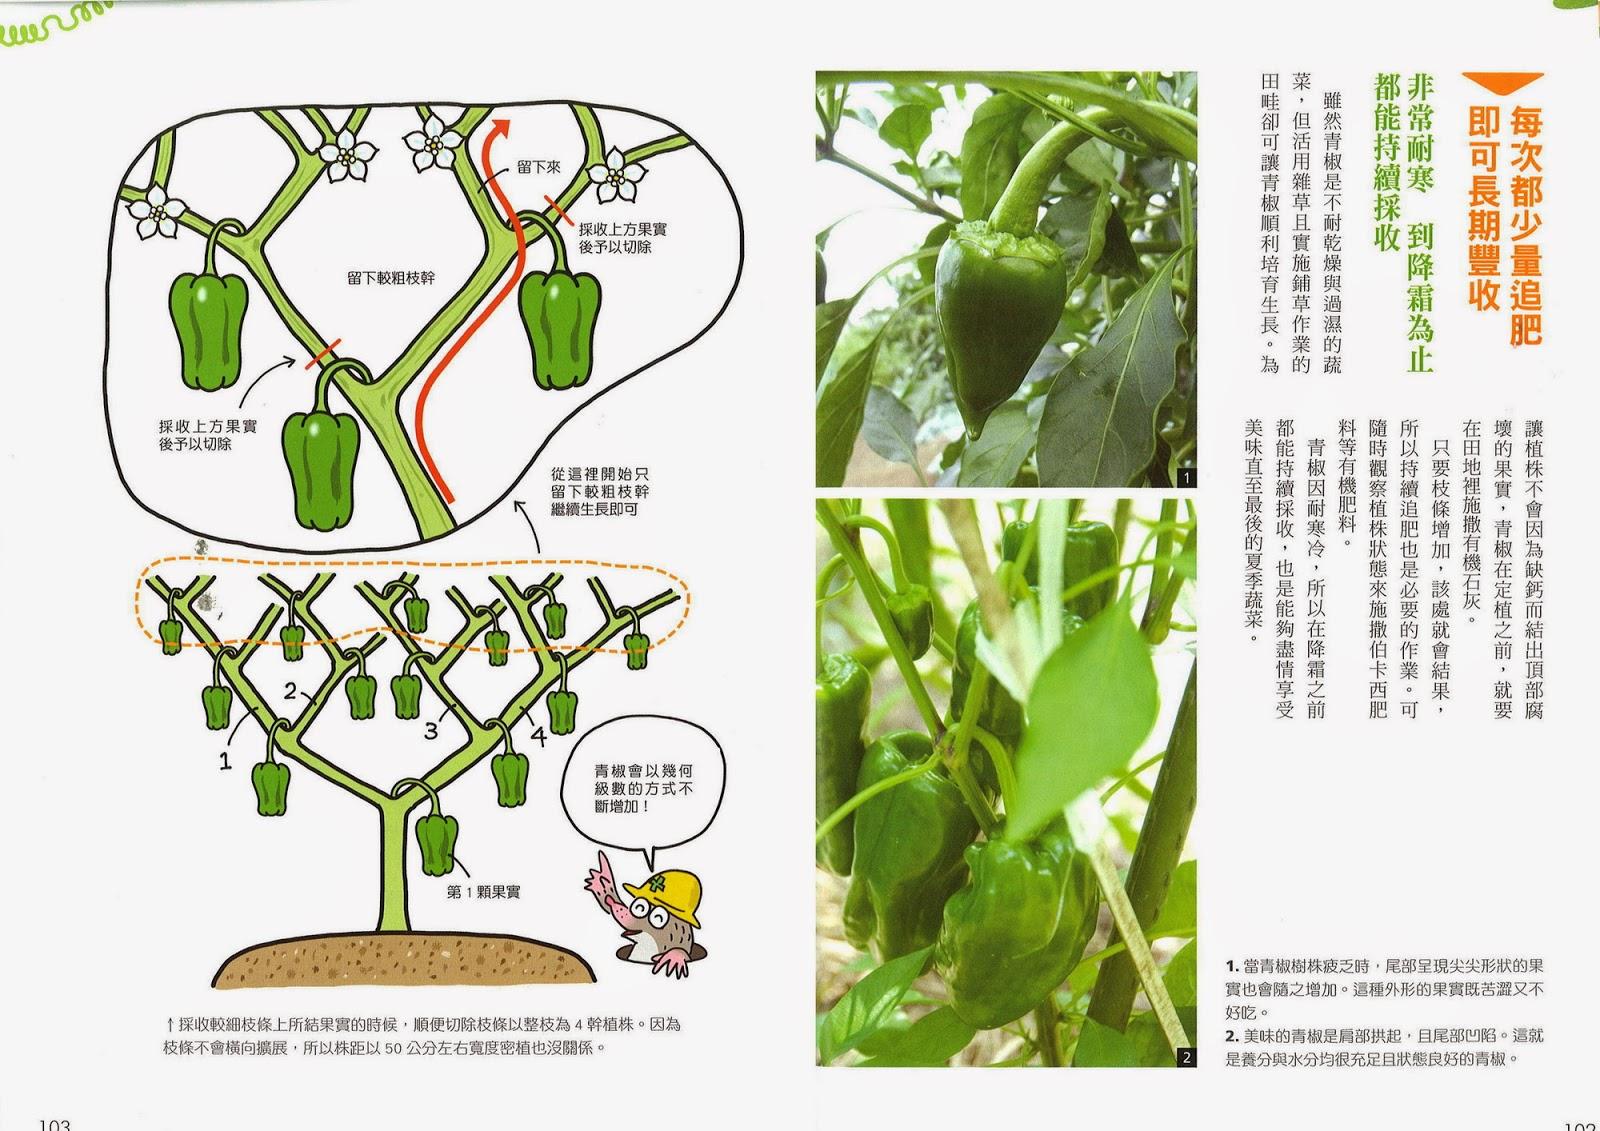 好書推薦~懶人農法 活用雜草打造無農藥的有機菜園